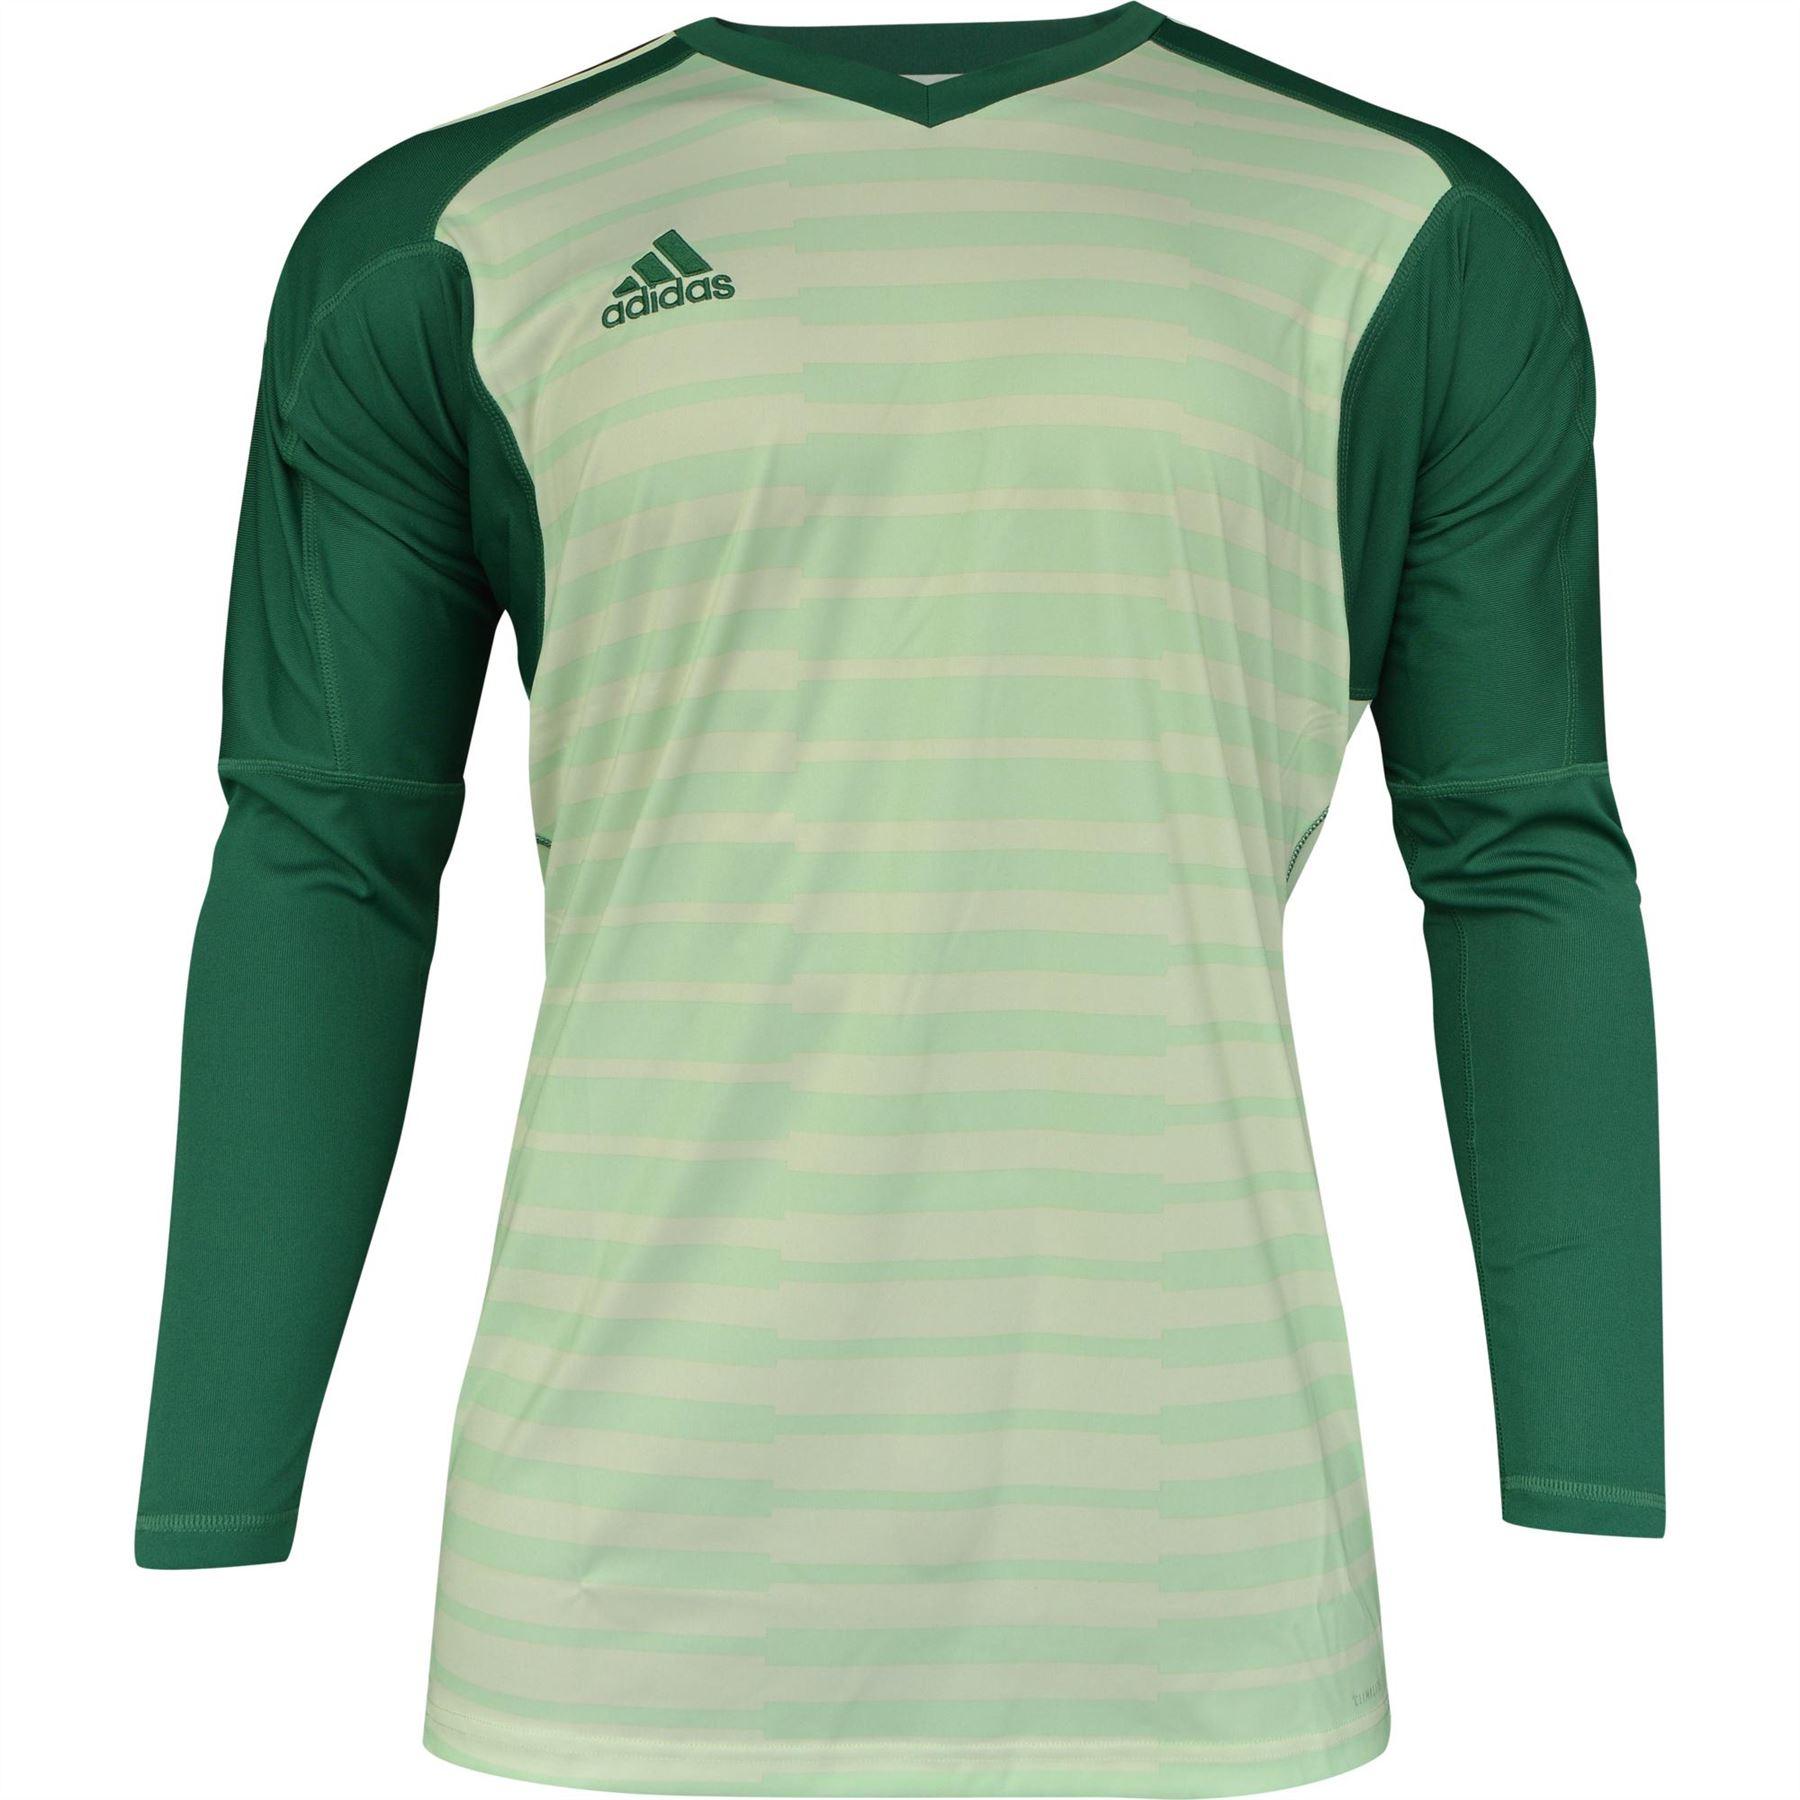 miniature 6 - ADIDAS adiPro 18 Gardien De but Chemise Homme Football Soccer Gk Jersey Top T-Shirt